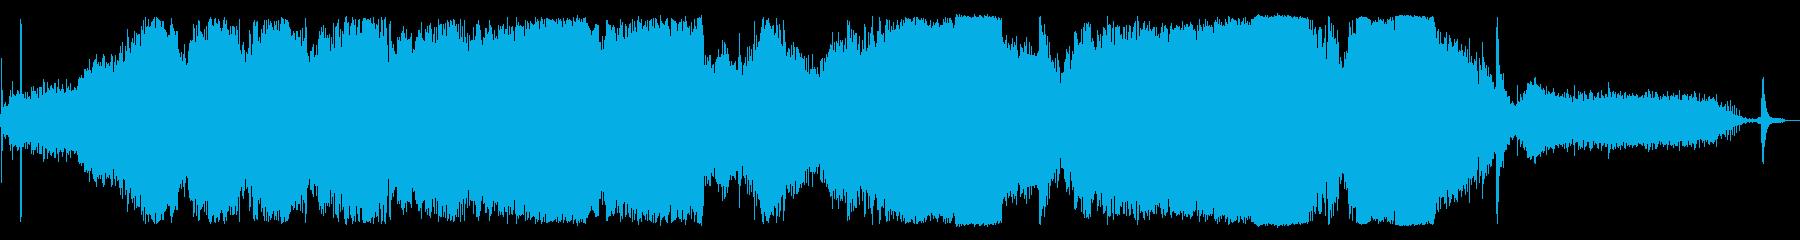 18ウィーラートランスポートトラッ...の再生済みの波形